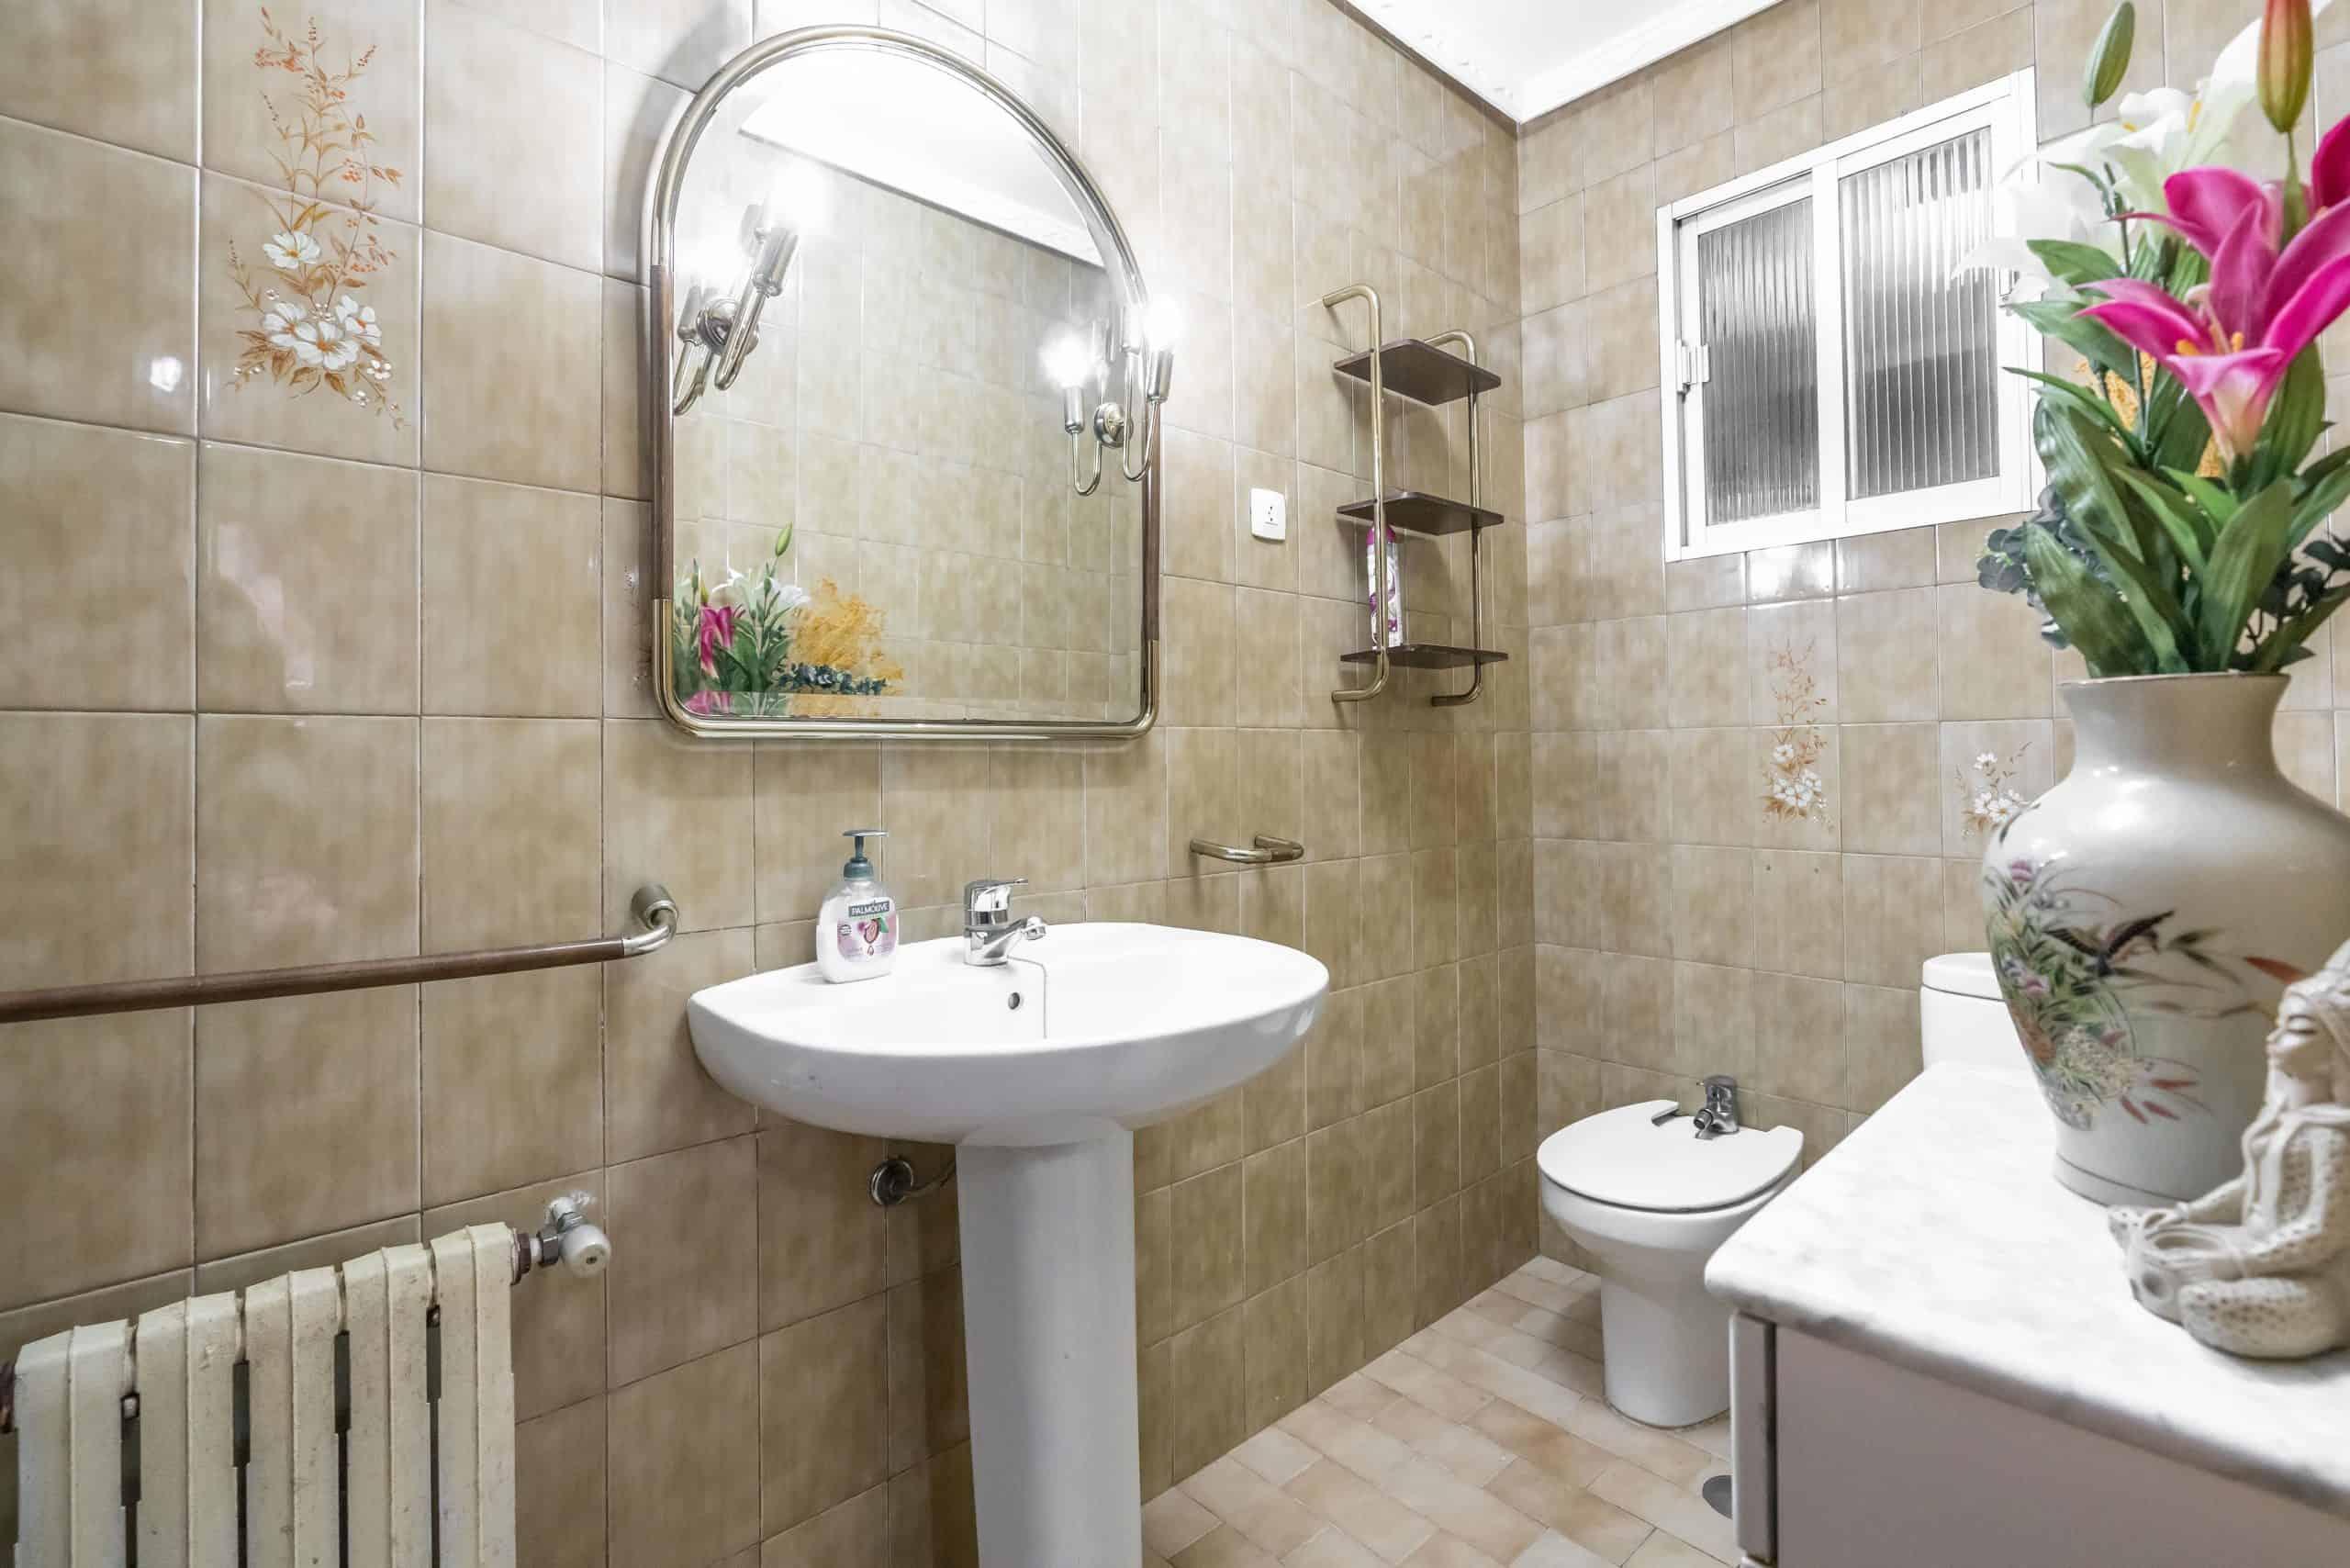 Agencia Inmobiliaria de Madrid-FUTUROCASA-Zona ARGANZUELA-LEGAZPI -calle Jaime Conquistador 27- Baño 1